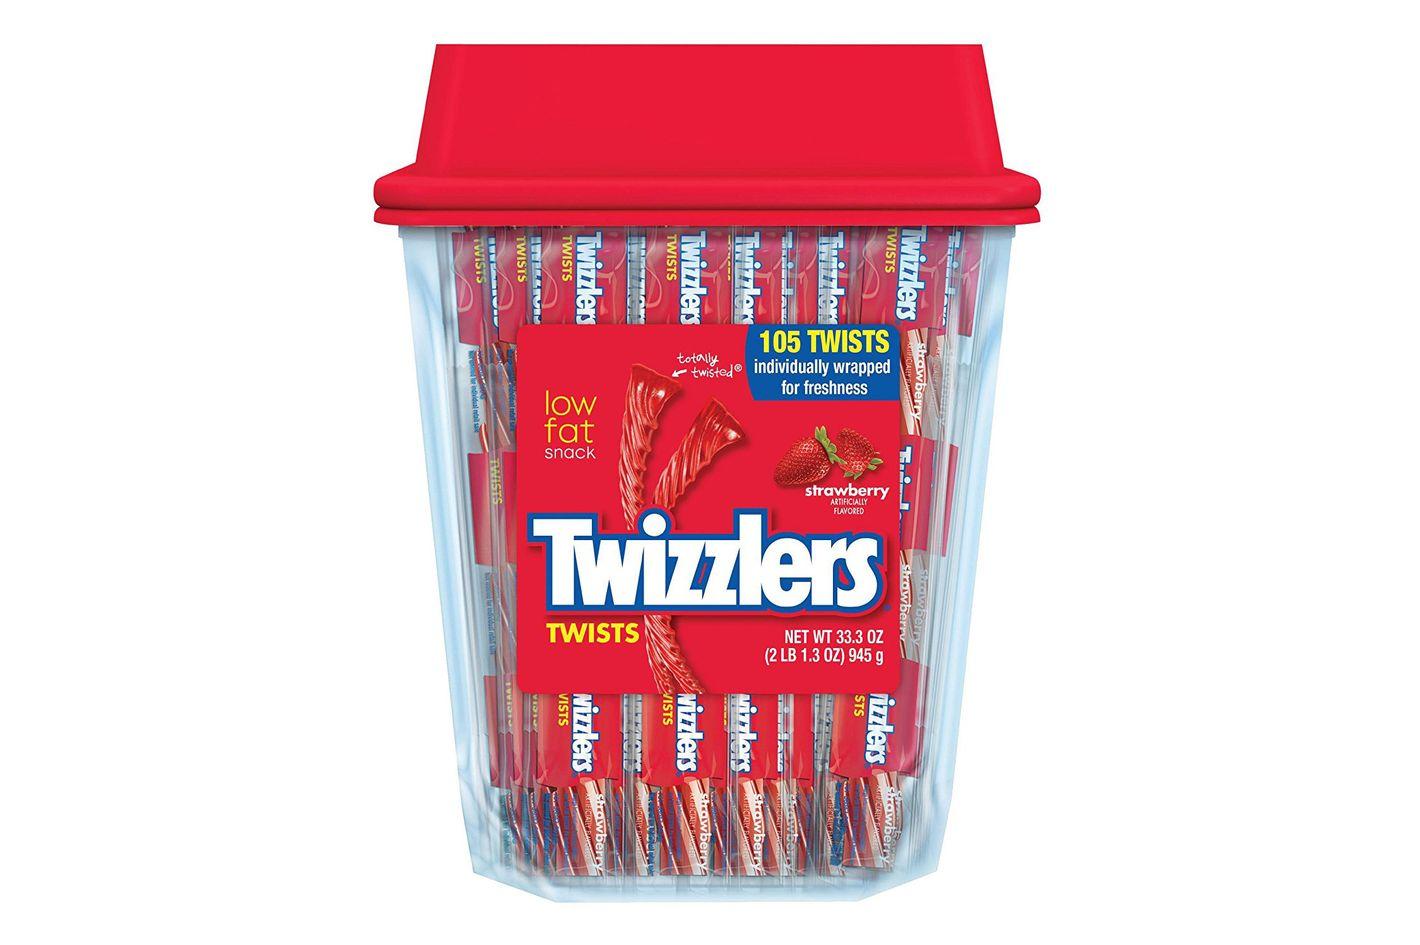 Twizzlers Twist